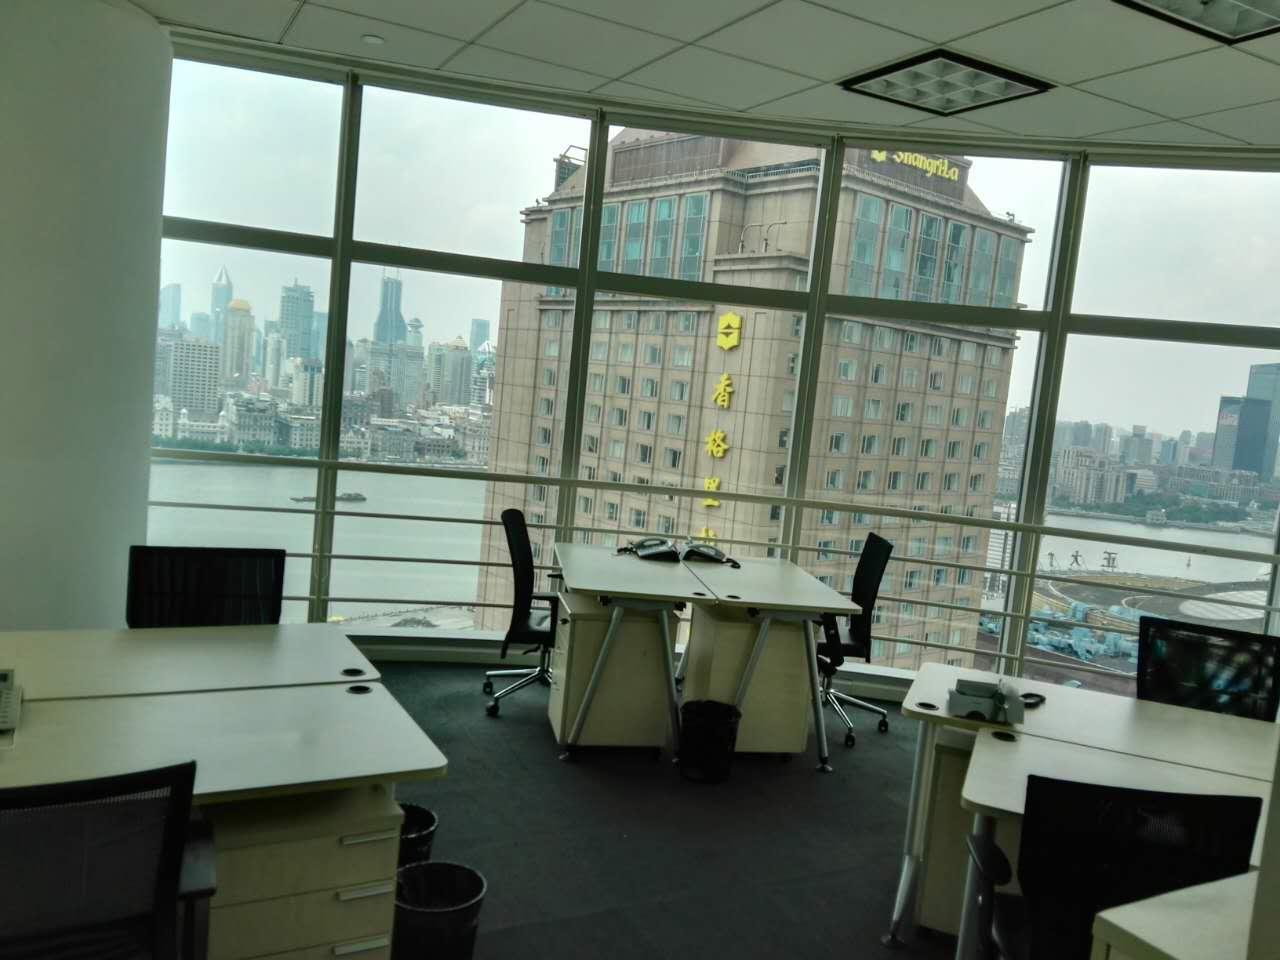 未来资产大厦TEC德事出租7人间带窗户现房